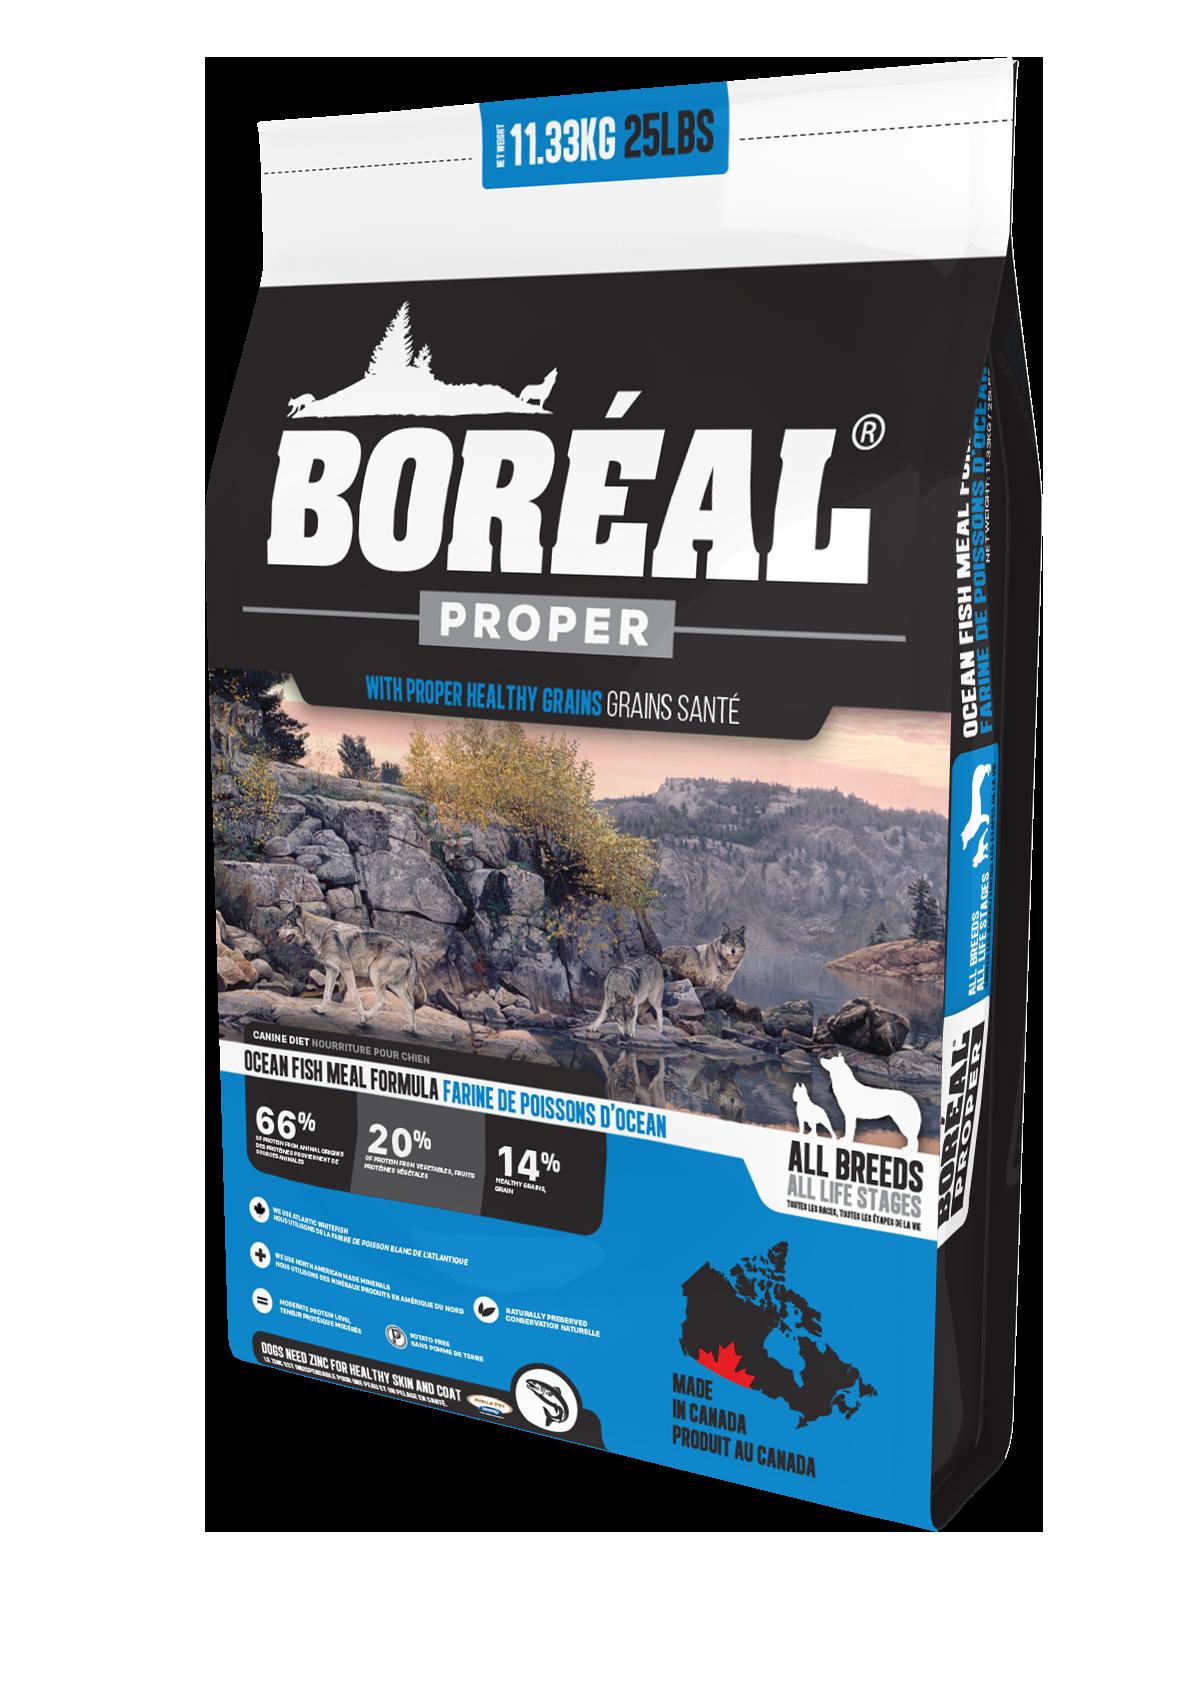 Boreal Proper Ocean Fish Meal - Low Carb Grains Dry Dog Food, 11.33kg bag